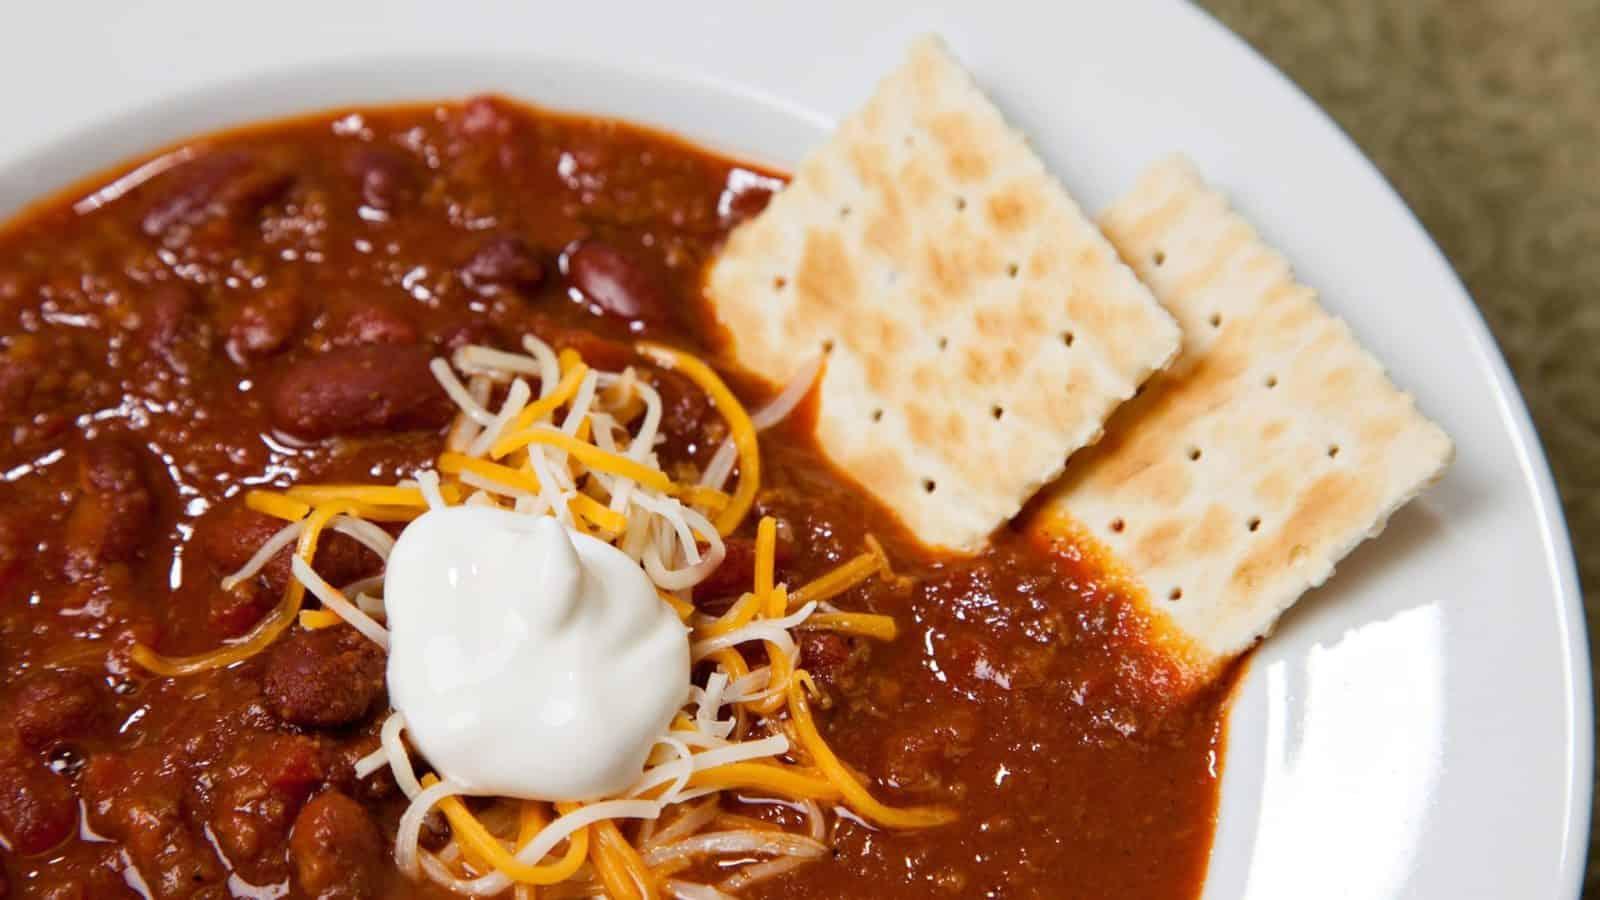 Custard Stand Chili Soup